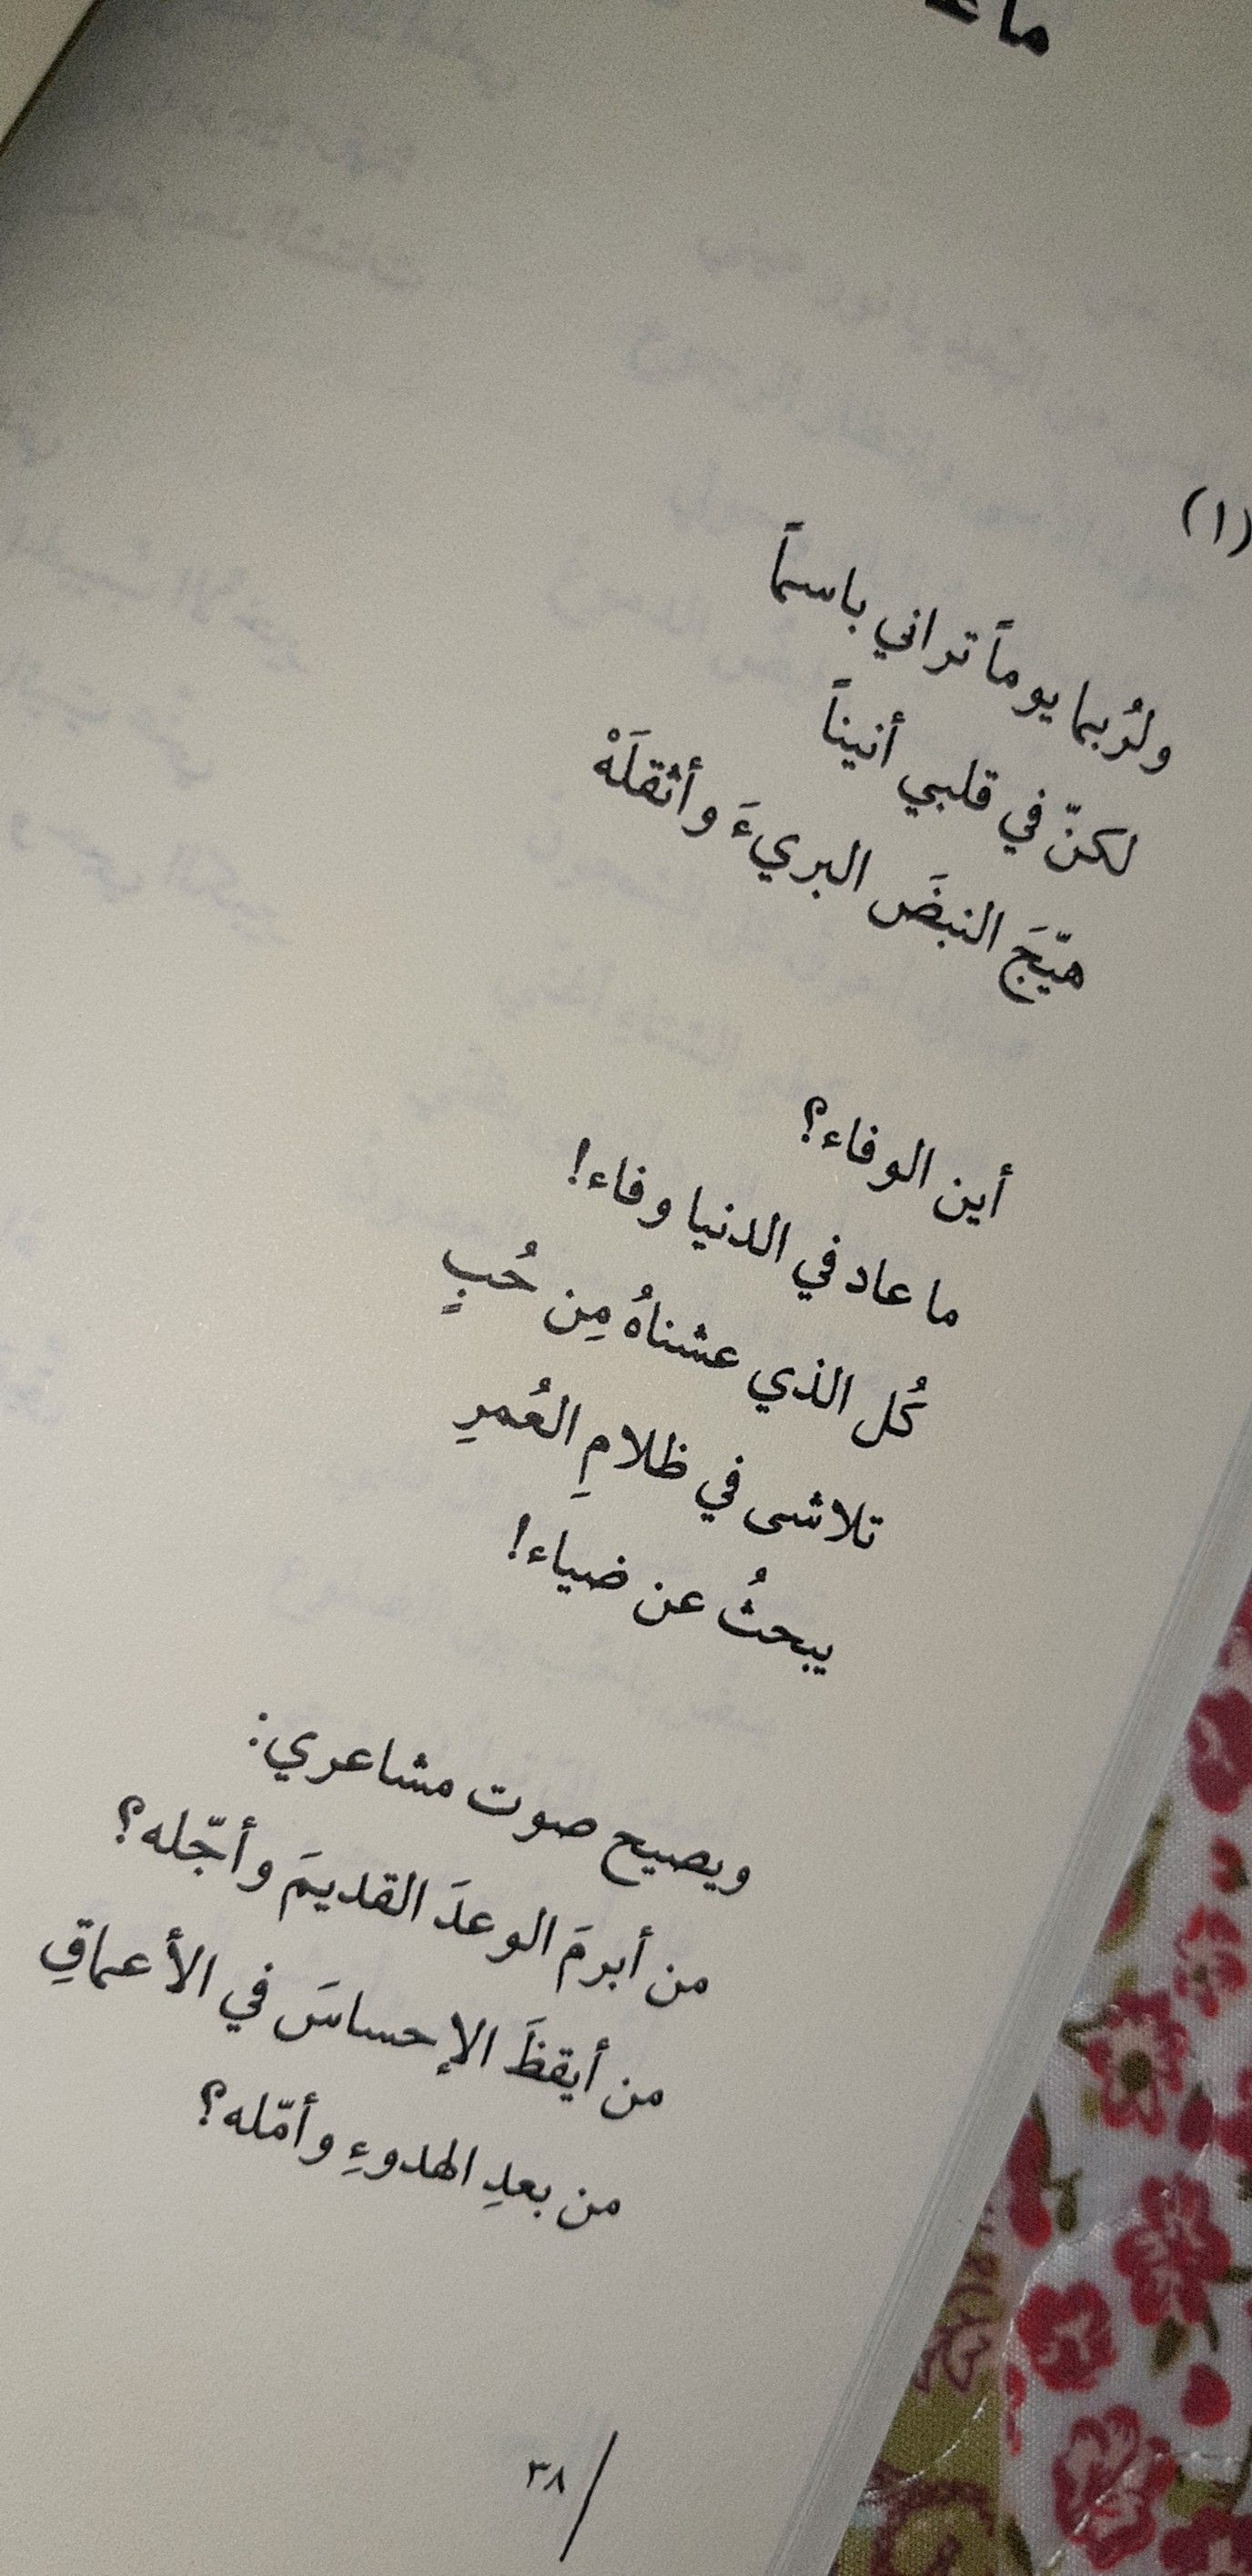 د ماجد عبدالله كتاب كل شيء يتغير Art Drawings Quotes Art